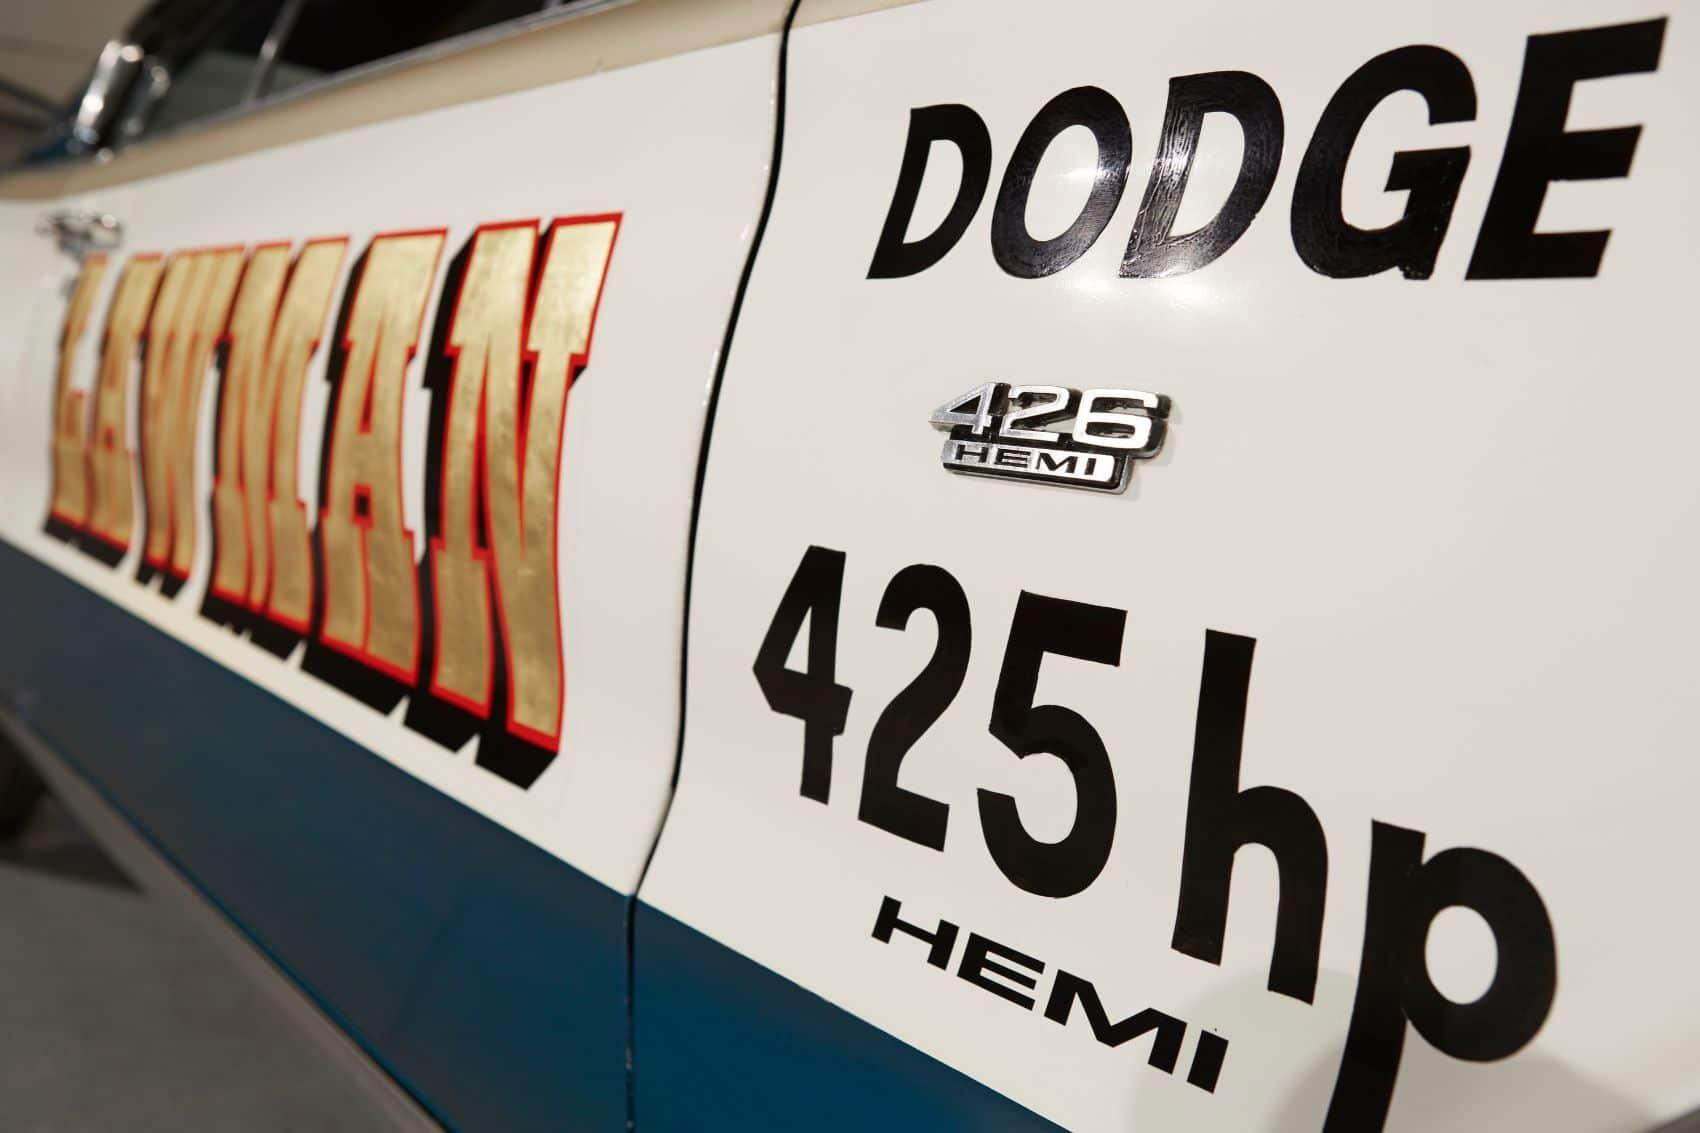 HS966 004DG